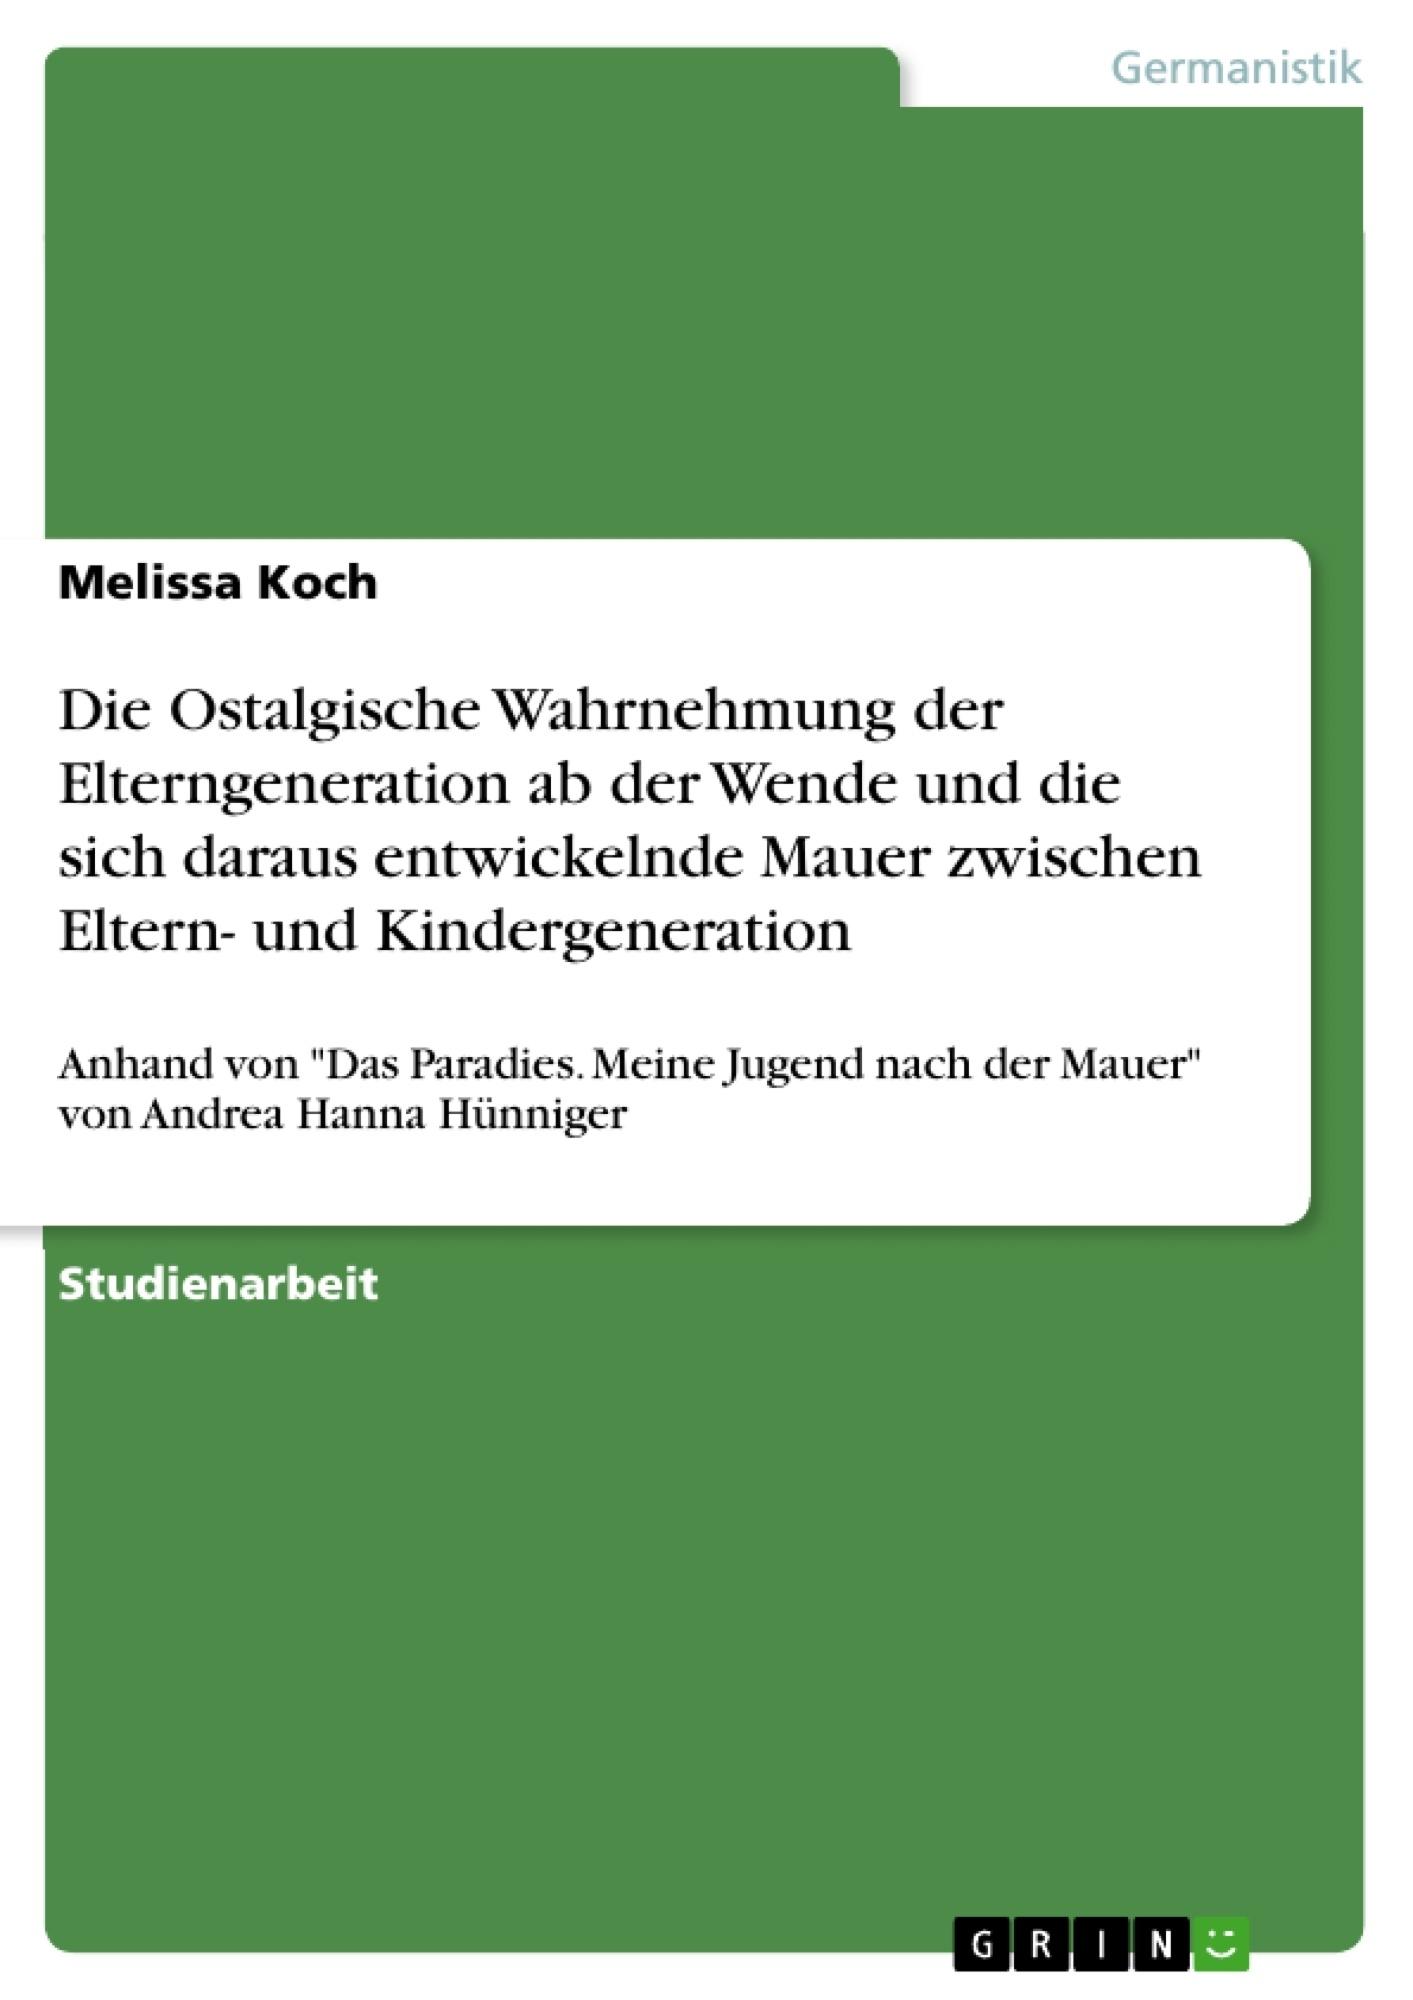 Titel: Die Ostalgische Wahrnehmung der Elterngeneration ab der Wende und die sich daraus entwickelnde Mauer zwischen Eltern- und Kindergeneration